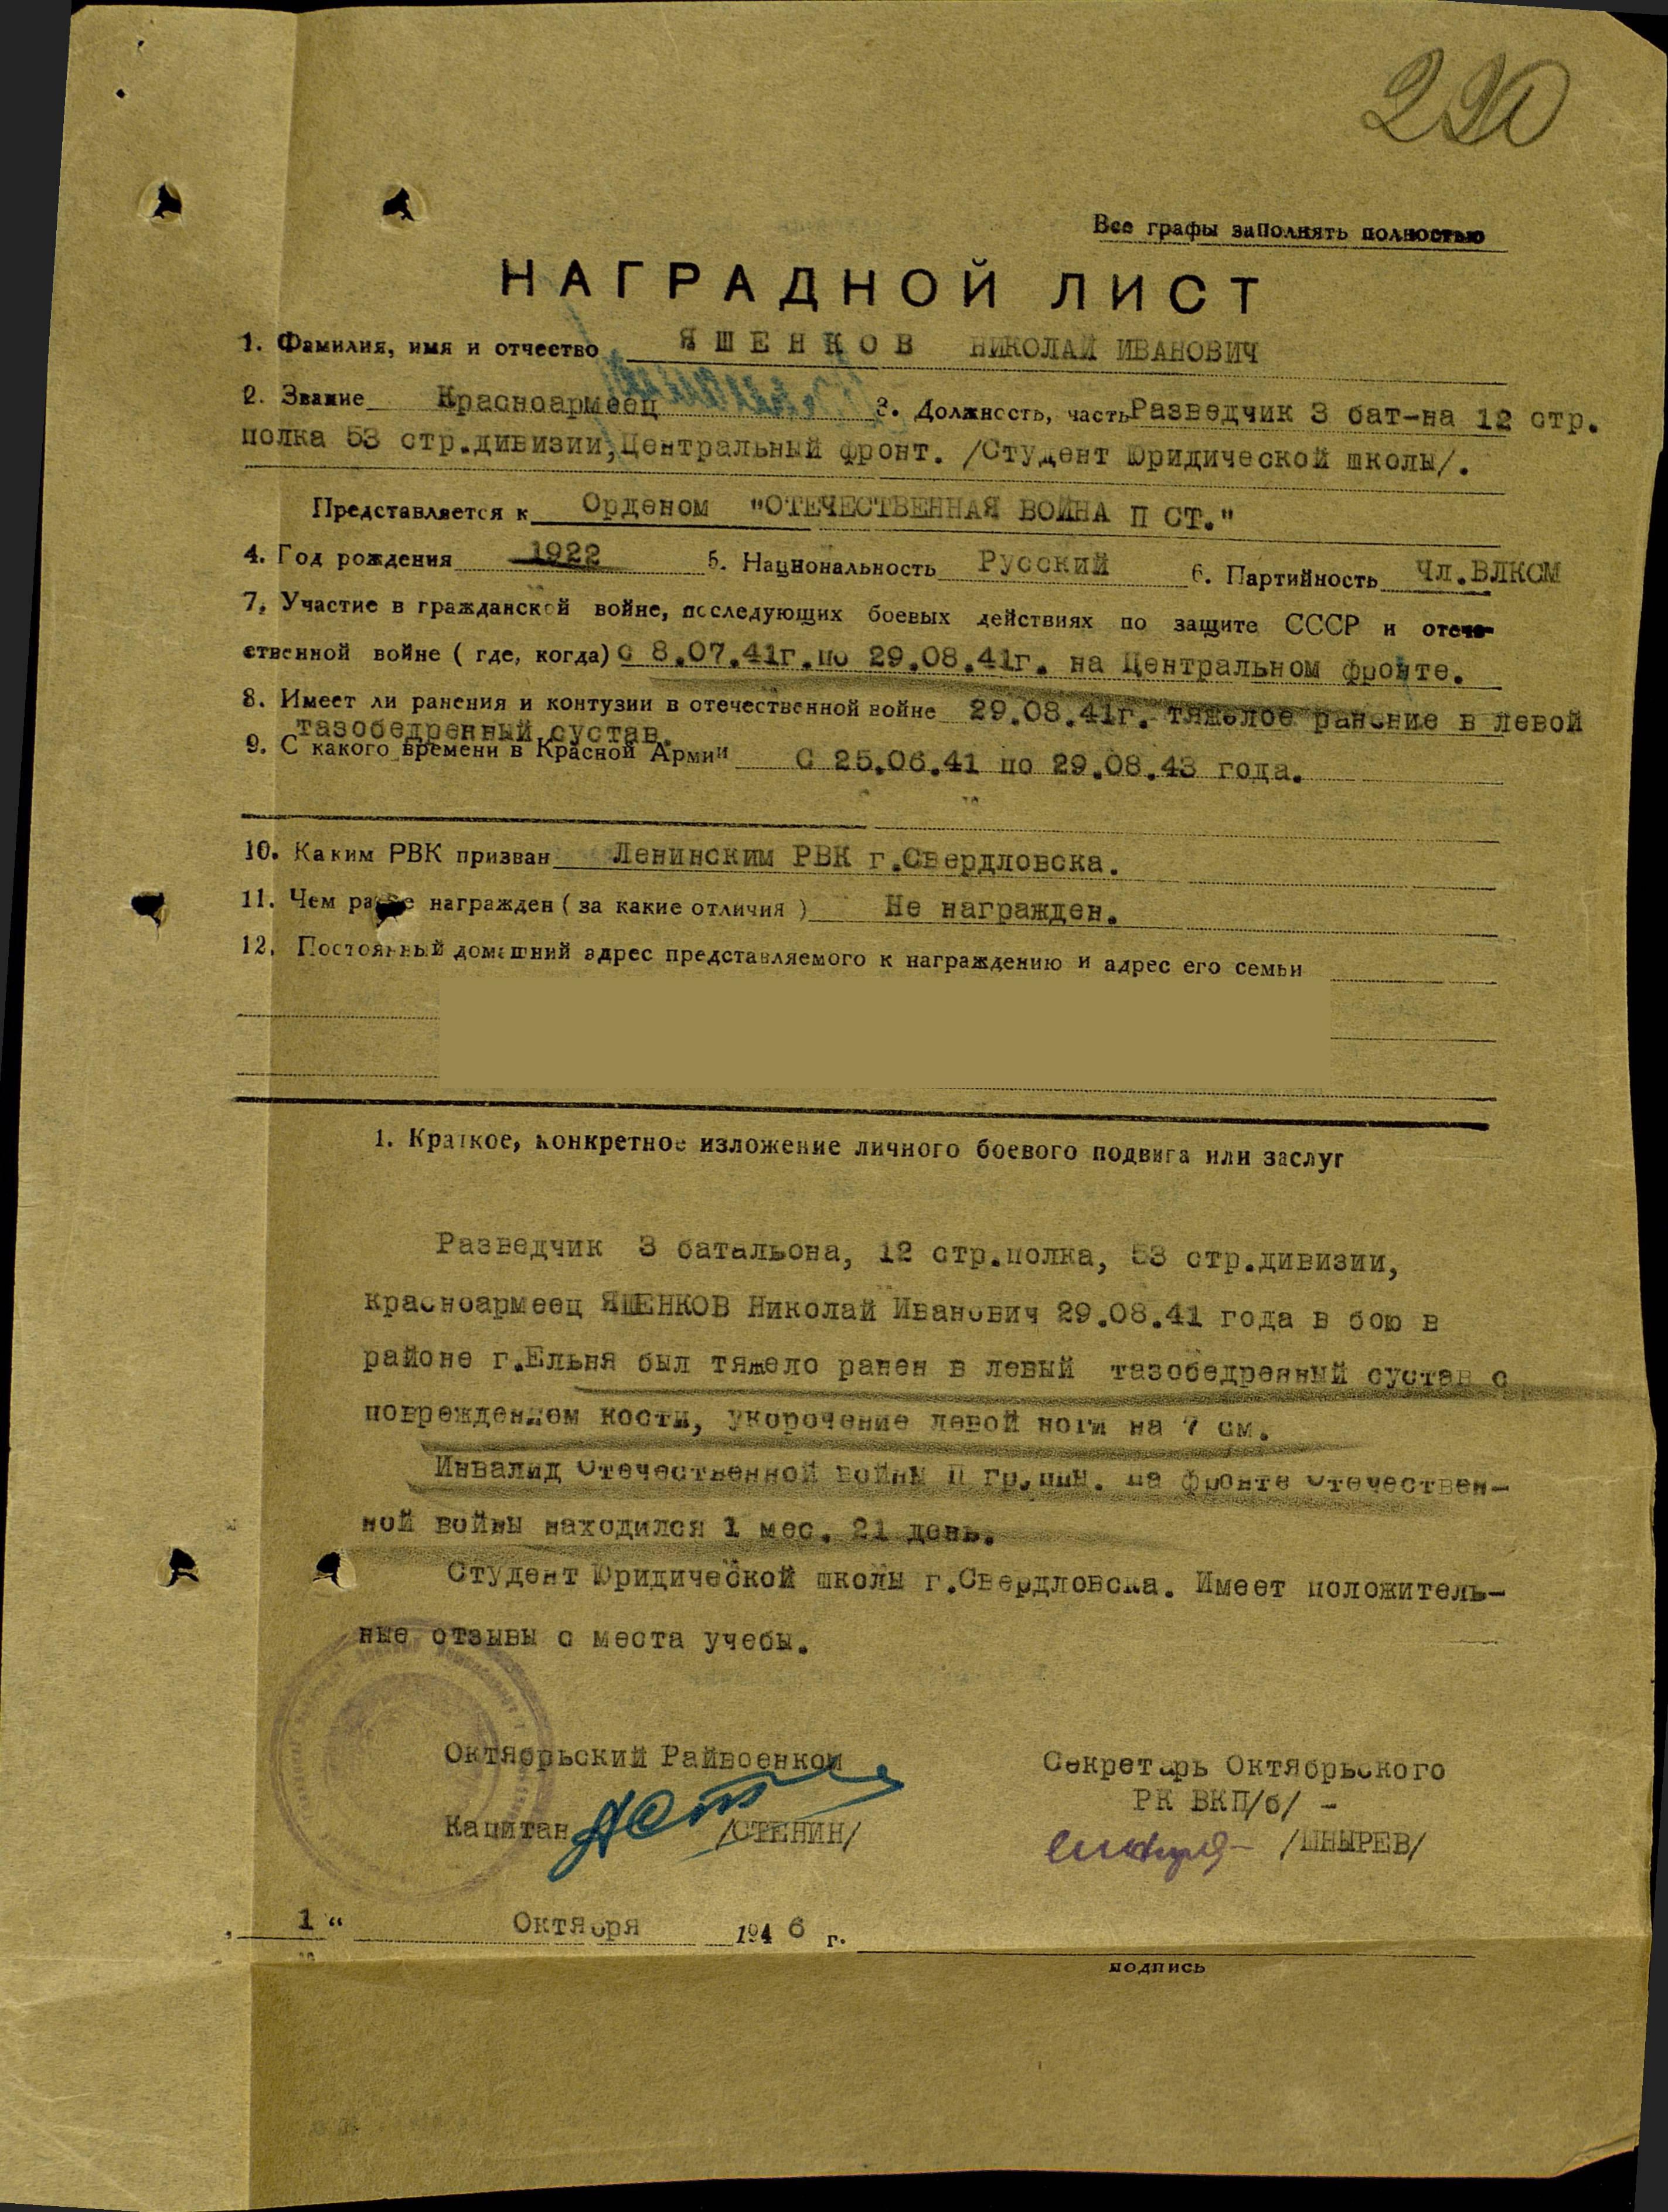 Наградной лист Яшенкова Николая Ивановича о представлении к награждению орденом Отечественной войны II степени